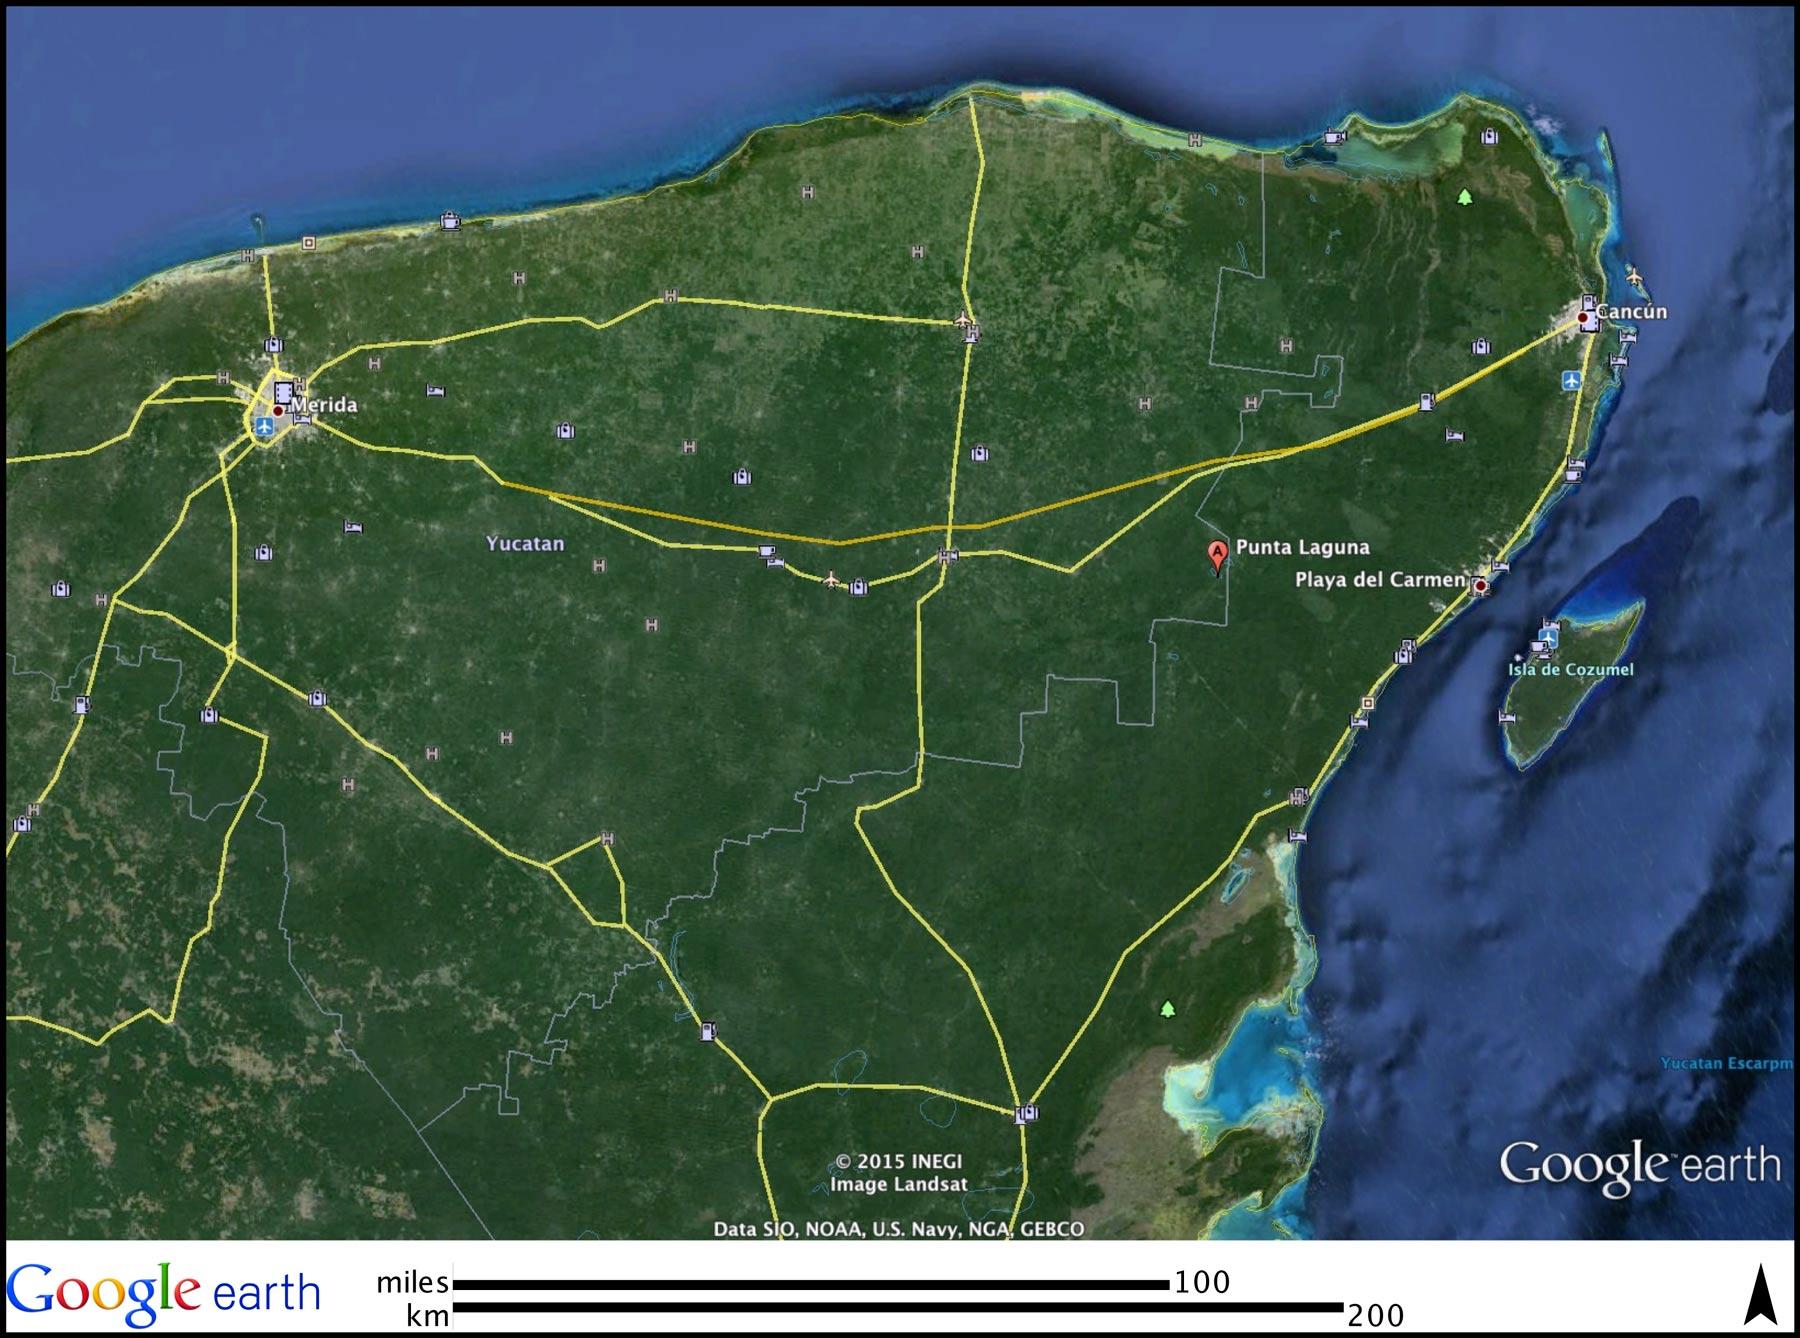 Punta_Laguna_Mapa